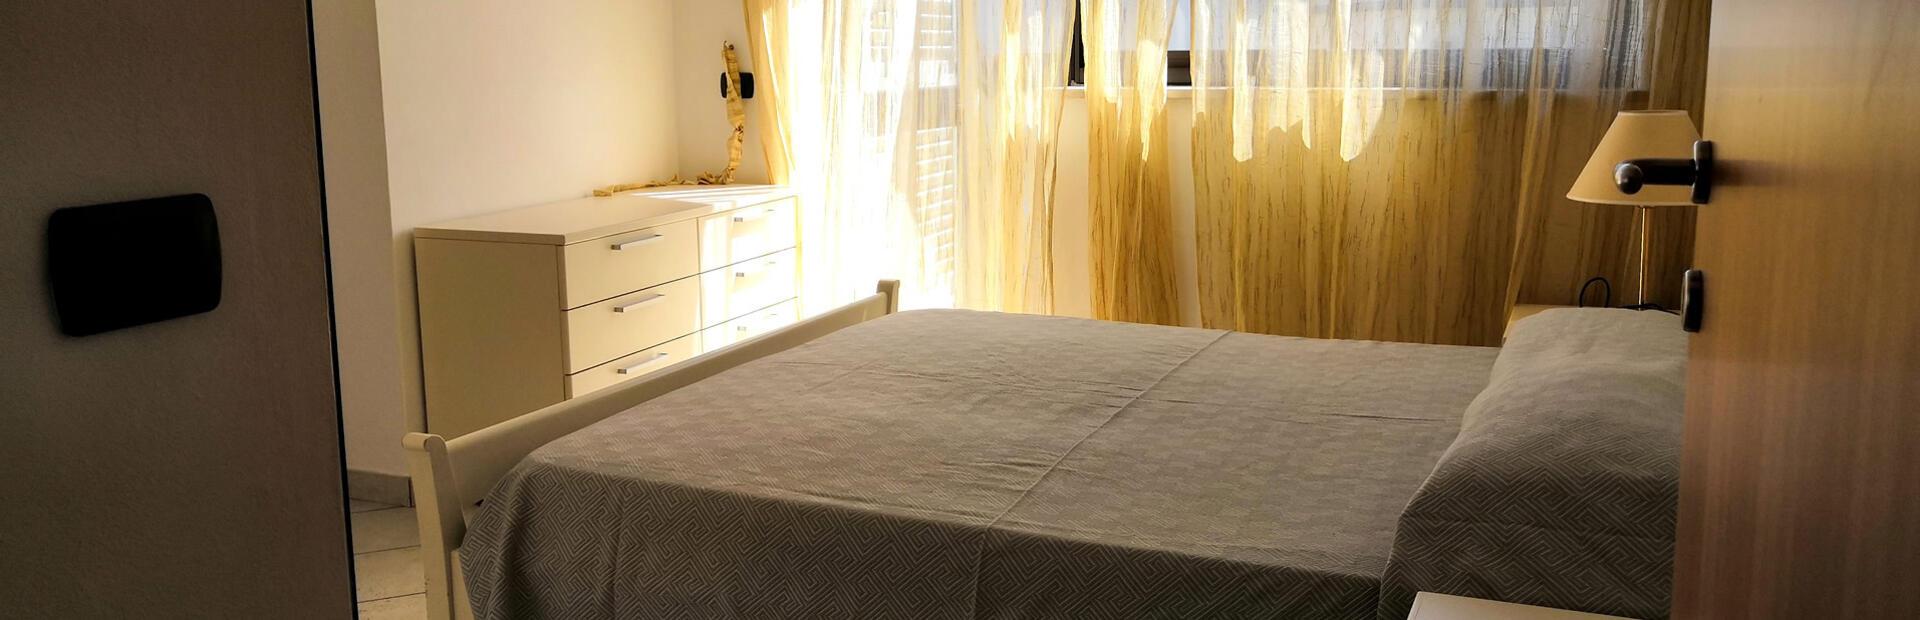 hotelgardencesenatico it hotel-con-appartamenti-cesenatico 003